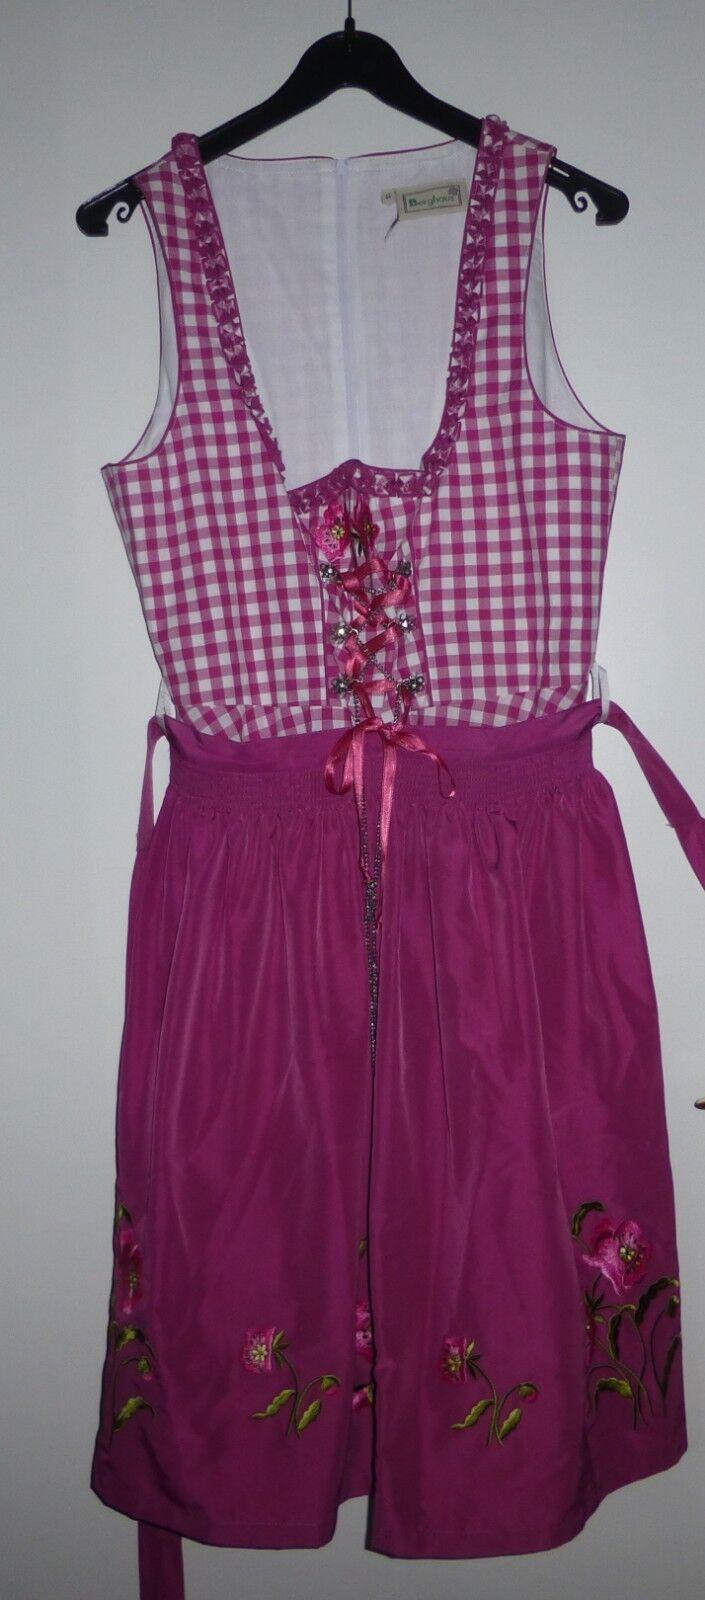 Berghaus Dirndl mit Schürze pink kariert Größe 44